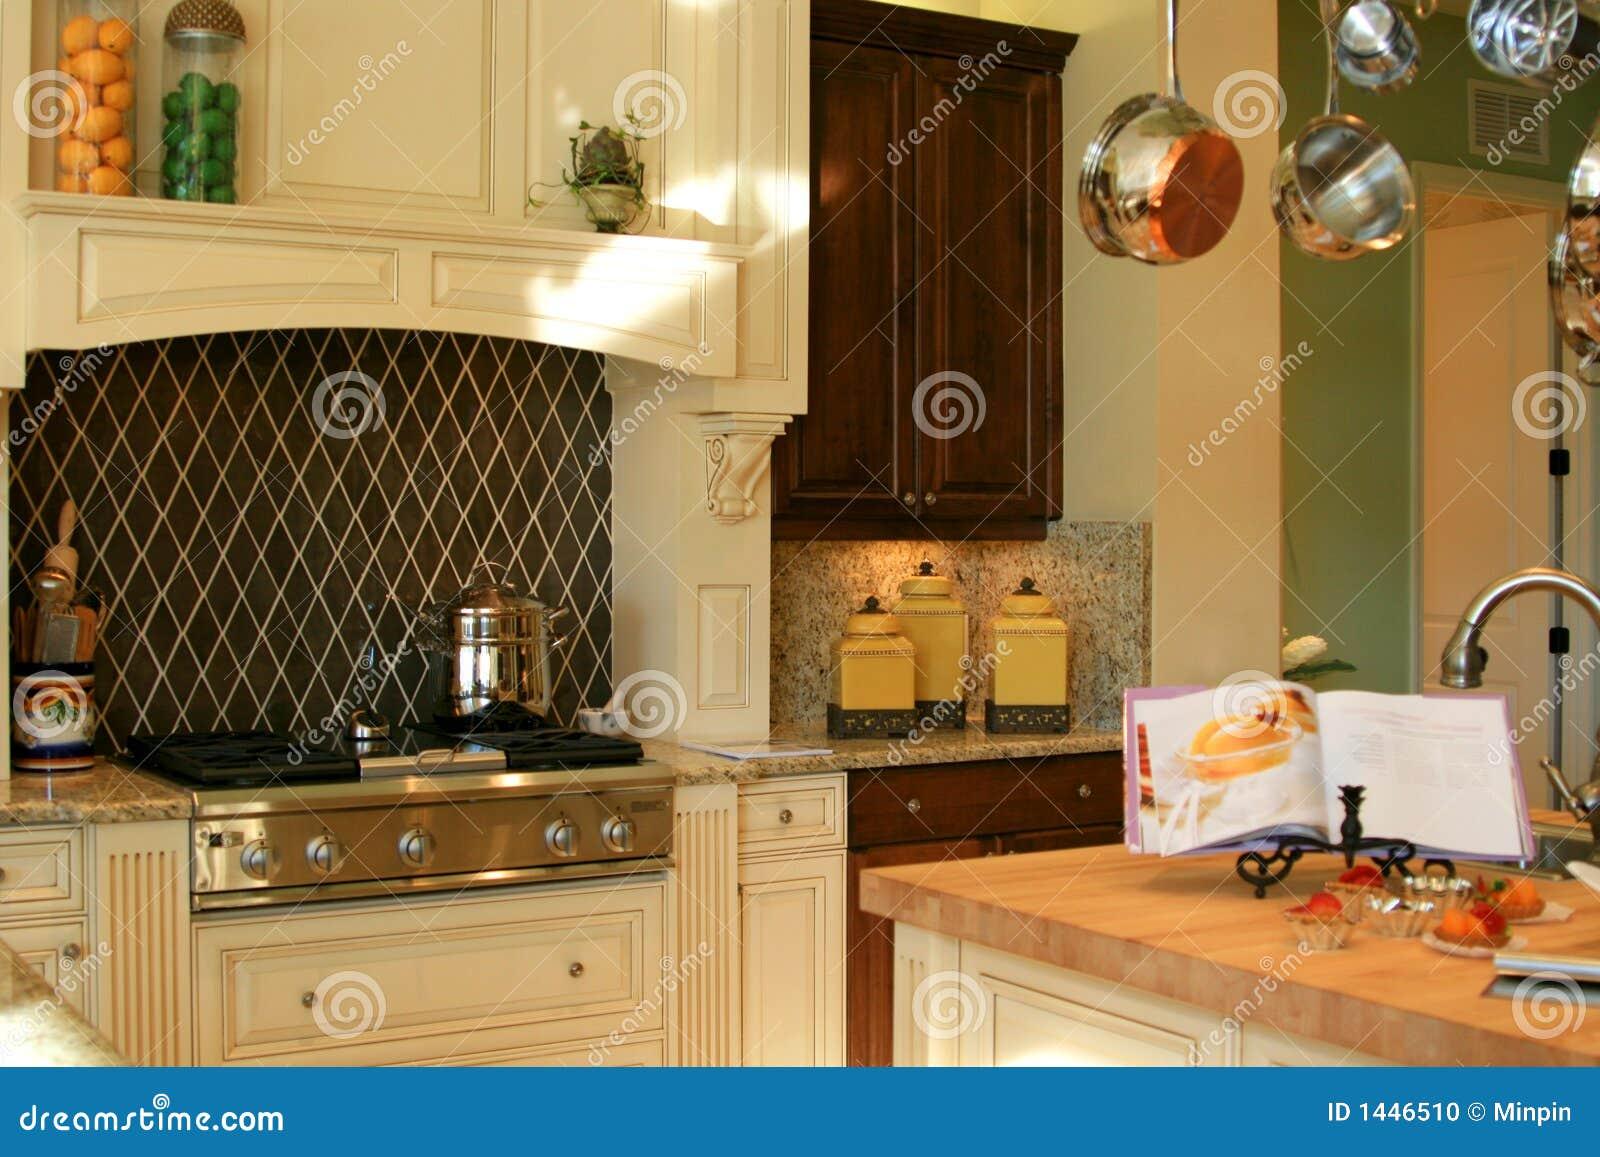 Land-Küche stockfoto. Bild von kanister, küche, vorstand - 1446510